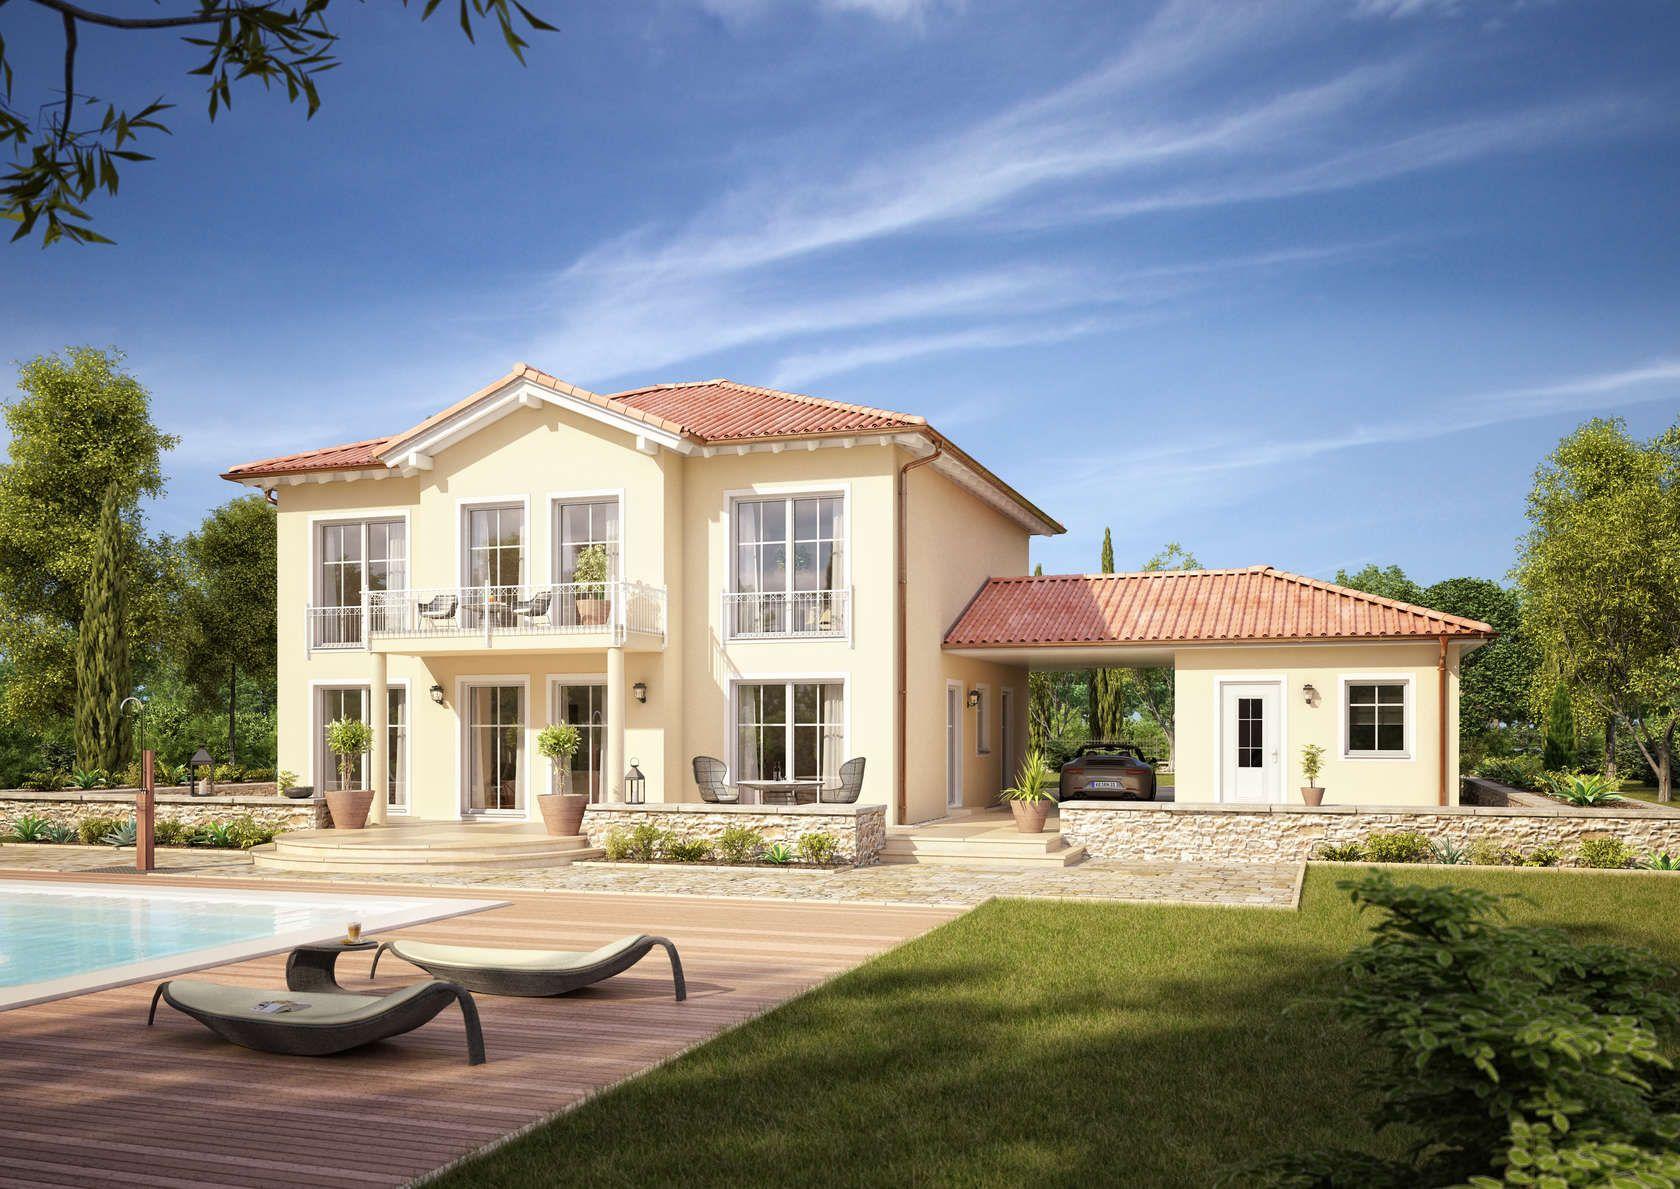 Häuser | Häuschen, Toskana haus und Hausbau